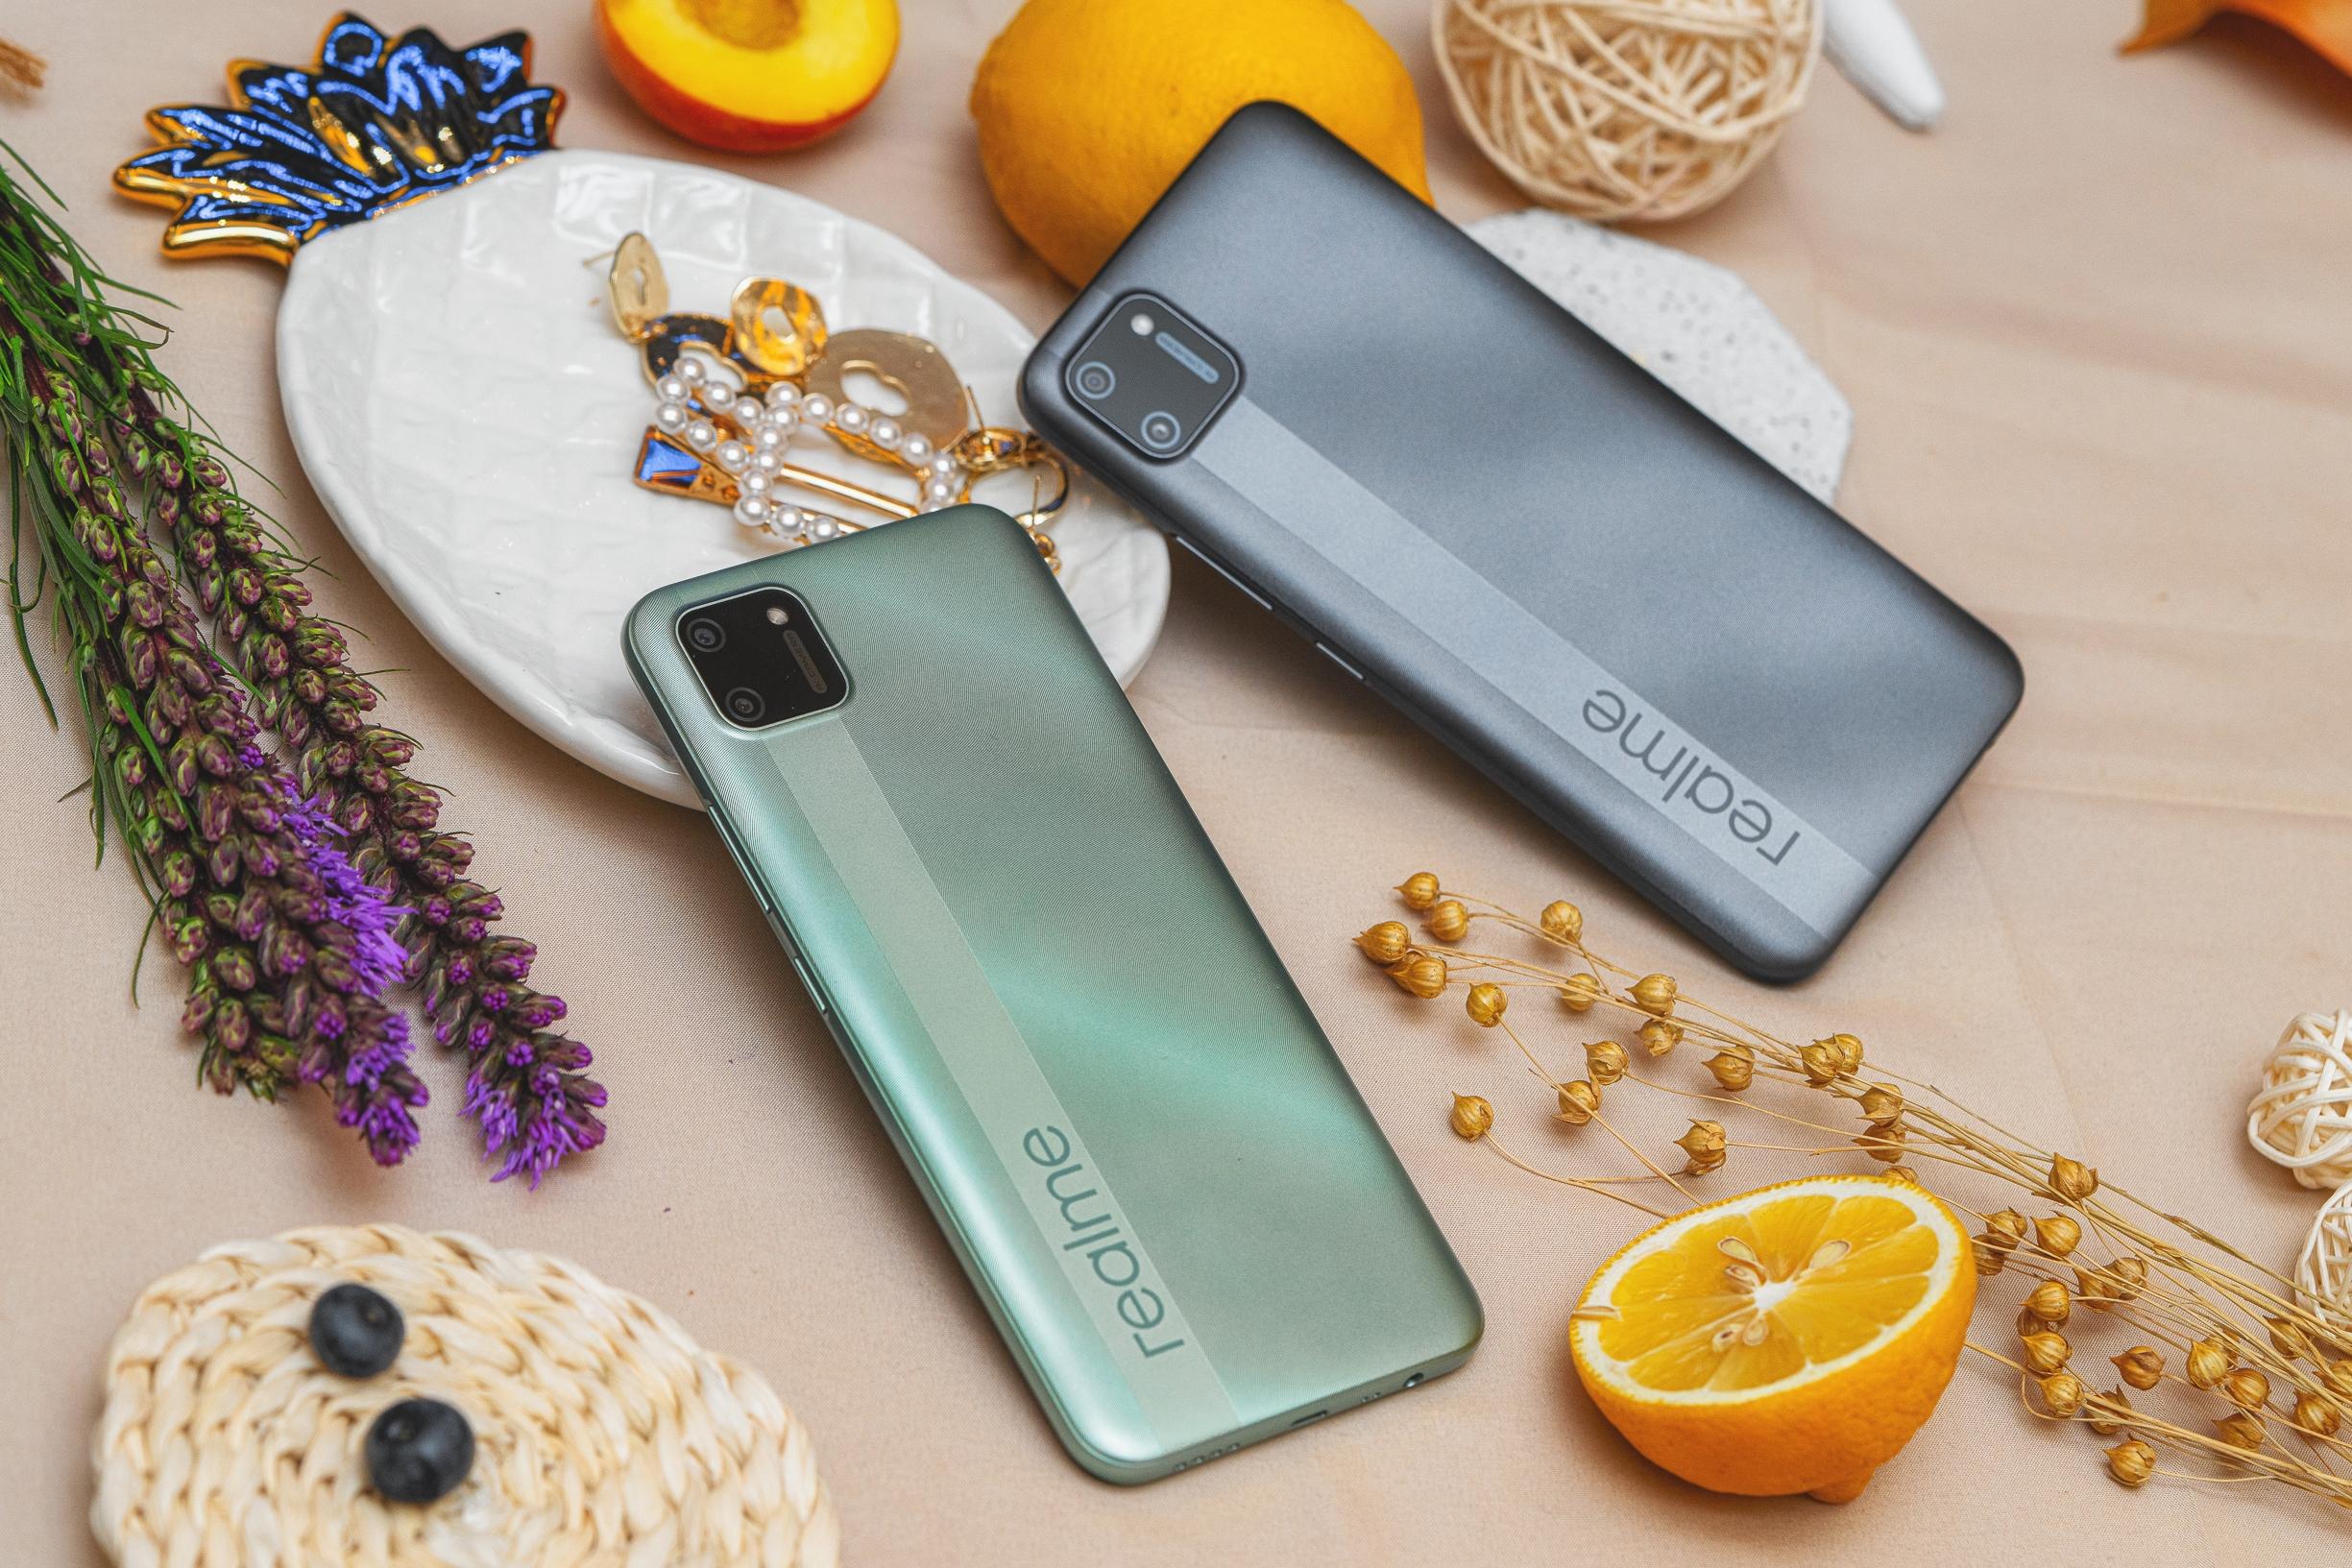 Hàng công nghệ hút hàng ngày mua sắm online 11/11, tín hiệu tốt cho thị trường mùa cuối năm - Ảnh 1.